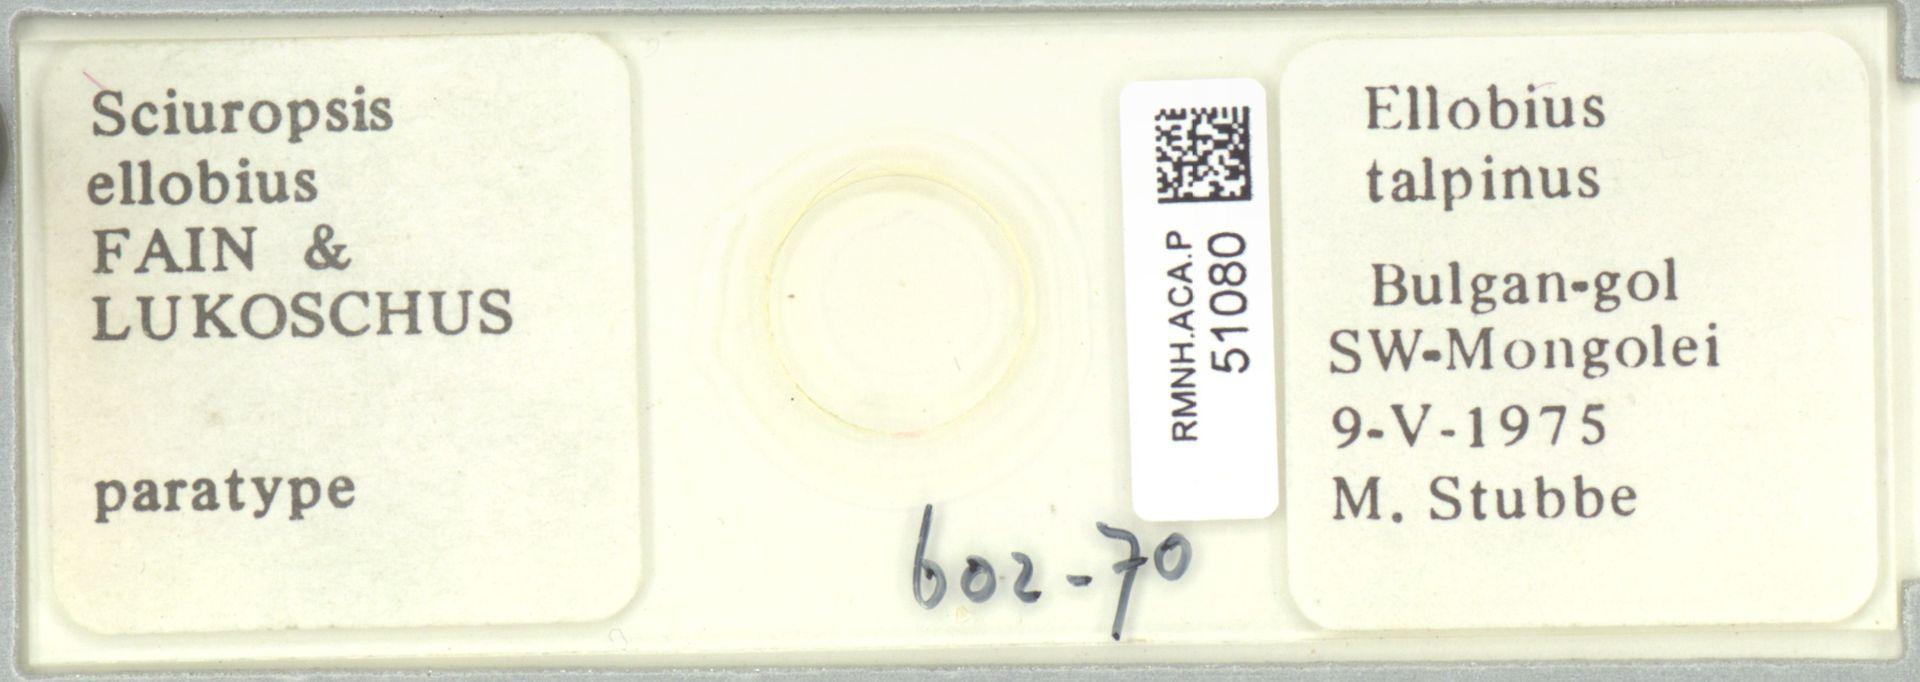 RMNH.ACA.P.51080   Sciuropsis ellobius Fain & Lukoschus